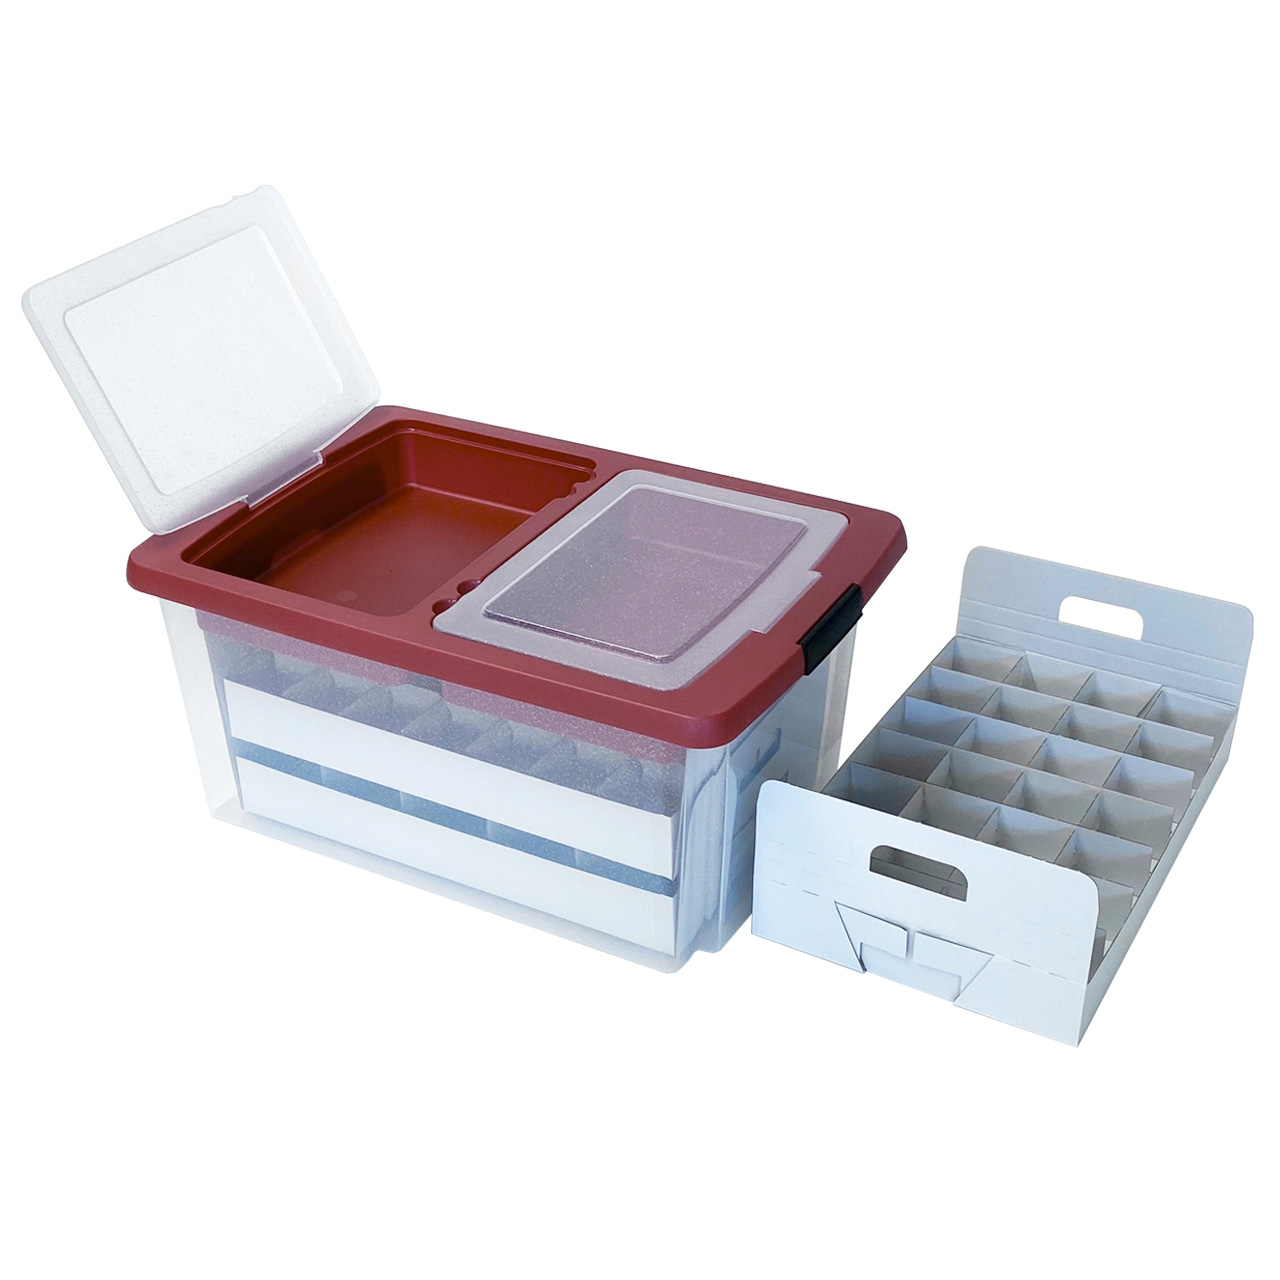 TOP-BOX Edition Aufbewahrungsbox für Weihnachtskugeln, Christbaumschmuck